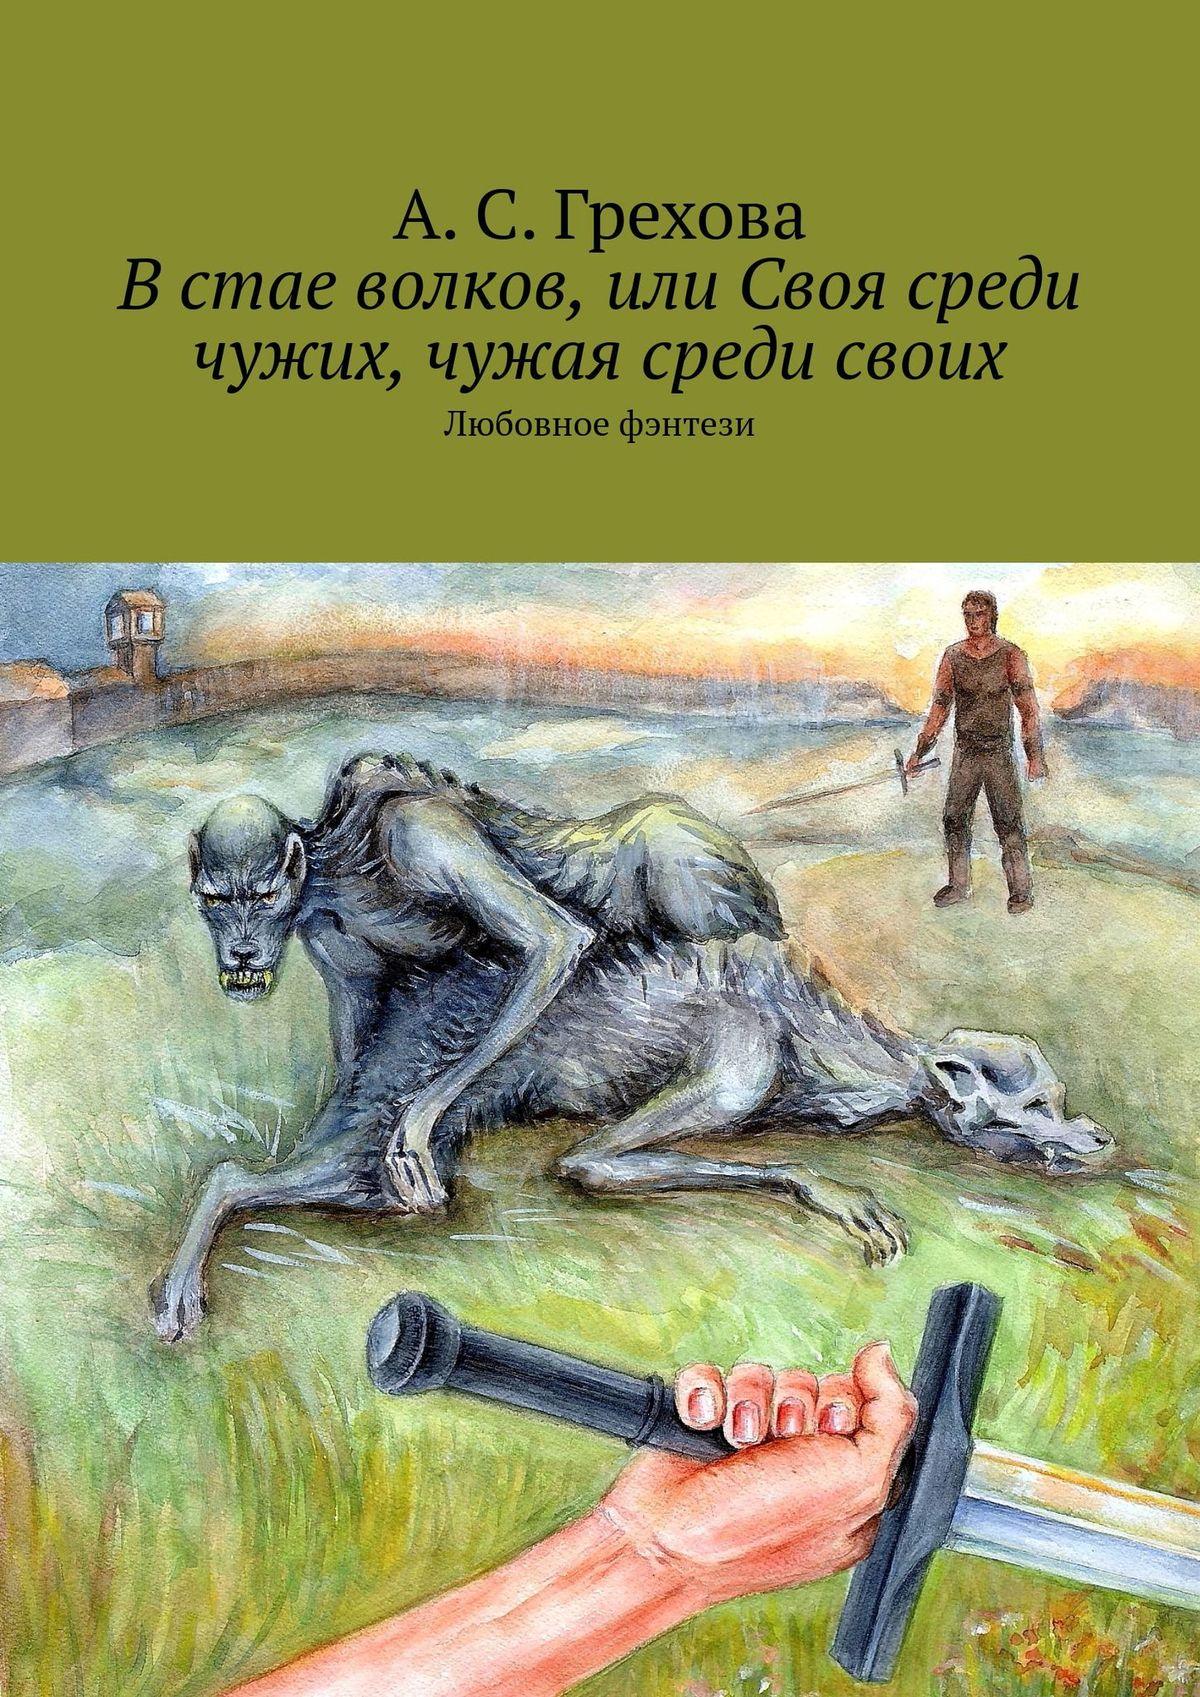 Встае волков, или Своя среди чужих, чужая среди своих. Любовное фэнтези